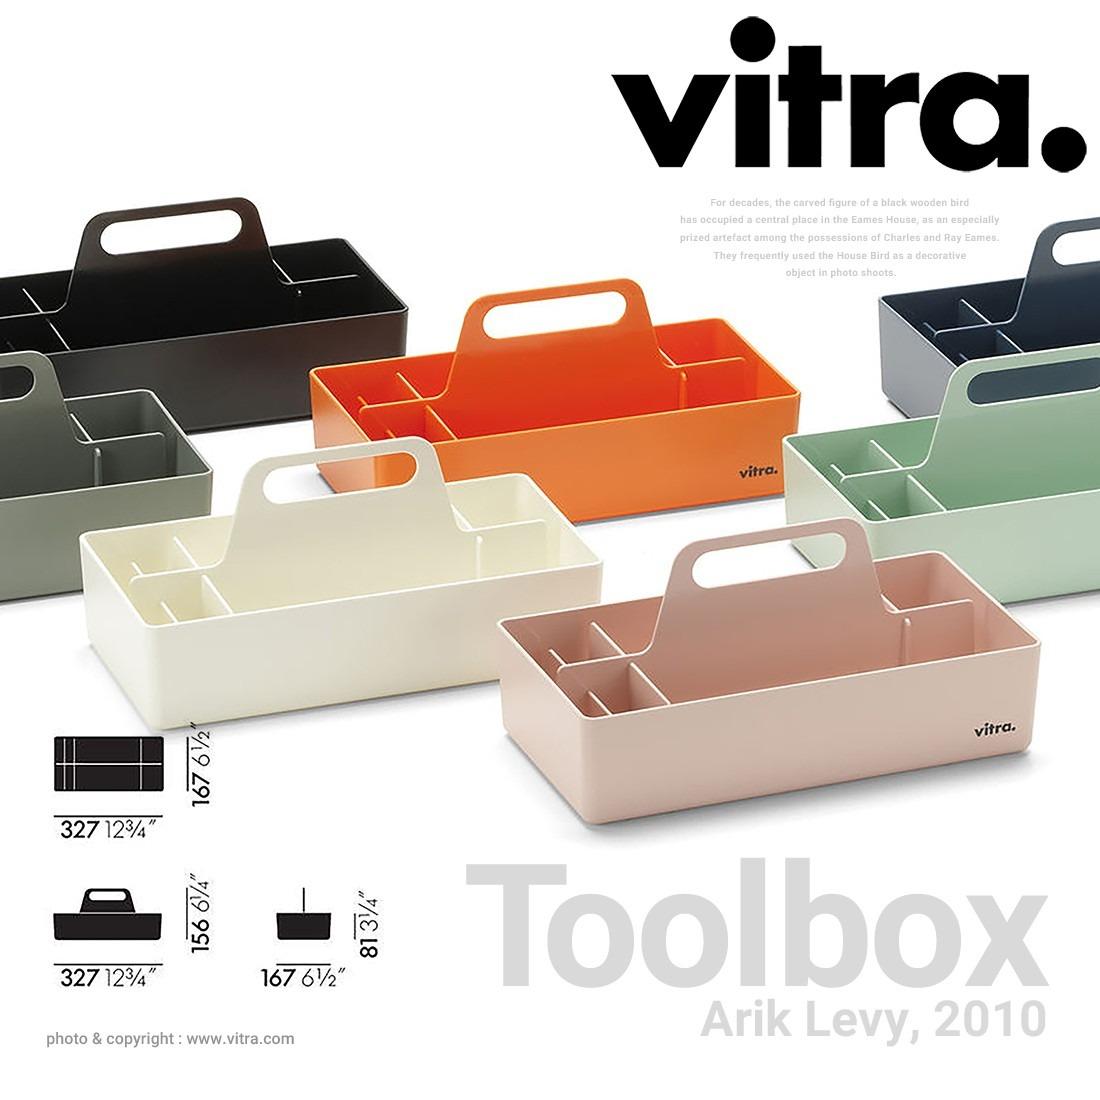 正規代理店品 数々の名作を生み出している世界を代表する家具ブランド Vitra Toolbox ツールボックス 入手困難 ヴィトラ Levy 工具箱 Arik お盆対象商品 最新号掲載アイテム ブリック